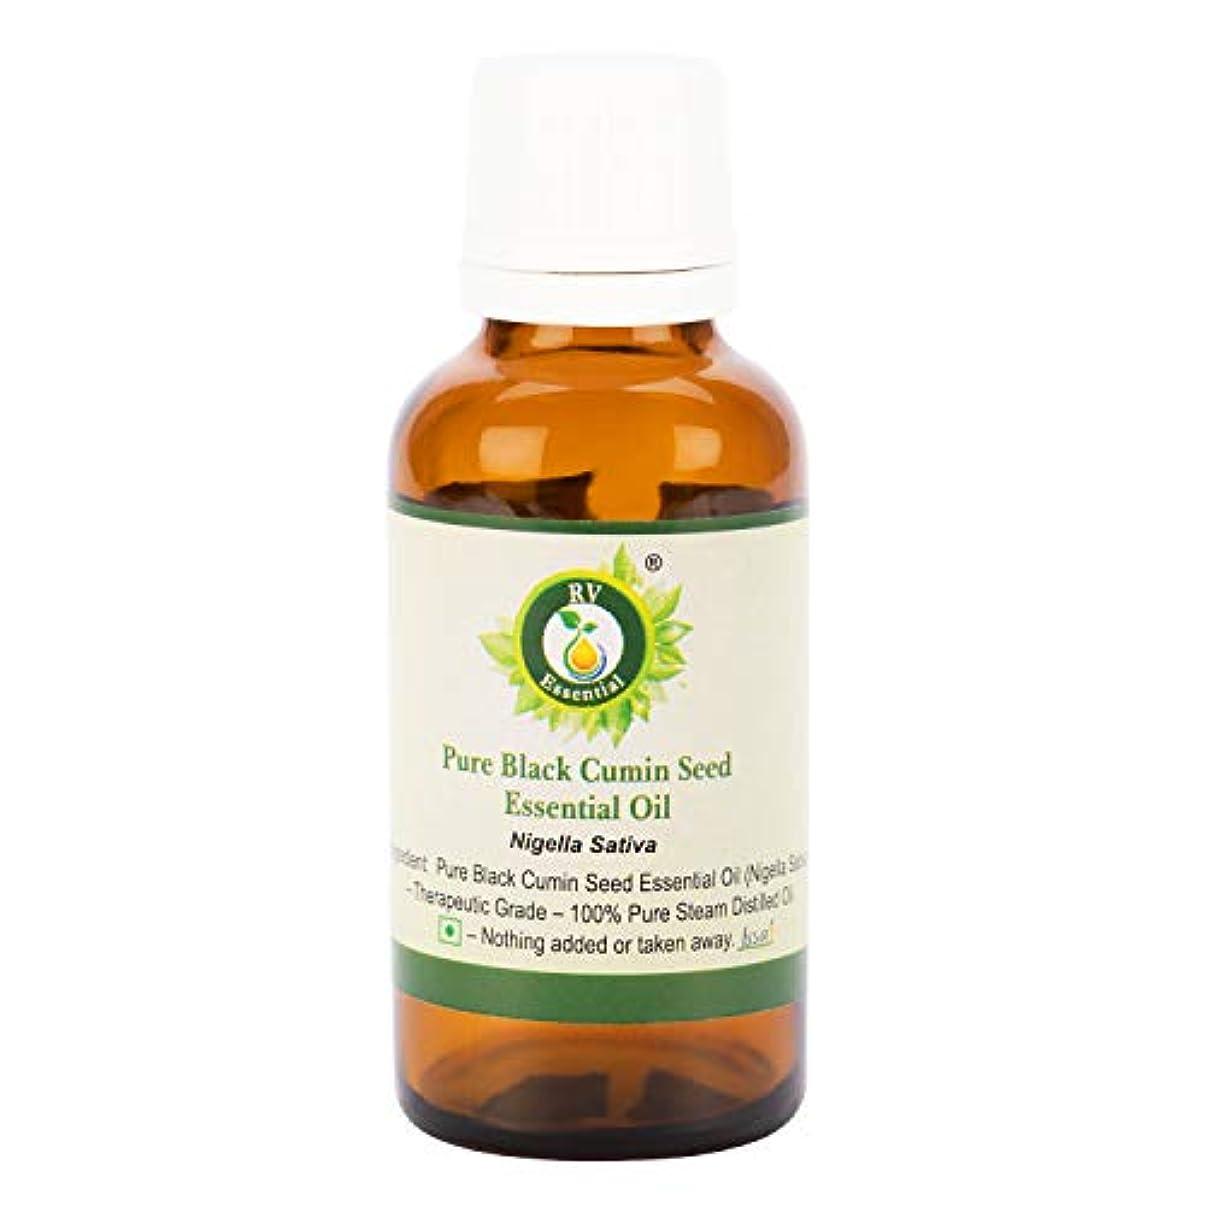 実験胆嚢ジャンクピュアブラッククミンシードエッセンシャルオイル5ml (0.169oz)- Nigella Sativa (100%純粋&天然スチームDistilled) Pure Black Cumin Seed Essential...